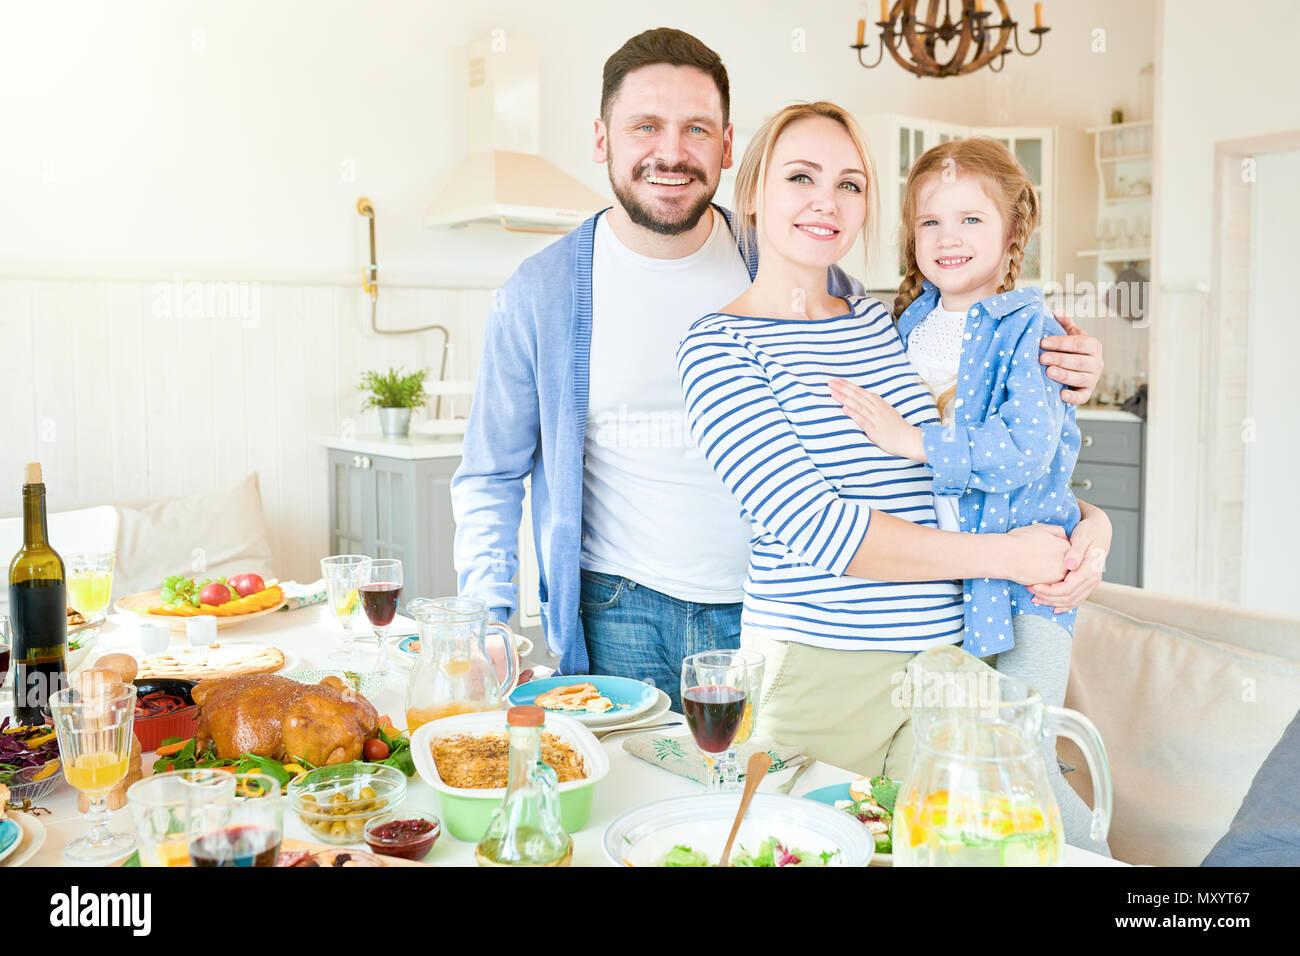 Porträt der glückliche junge Familie mit niedlichen kleinen Mädchen stehend an festlichen Abendessen mit köstlichen Gerichten und lächelnd an der Kamera in das moderne Apartment Stockbild